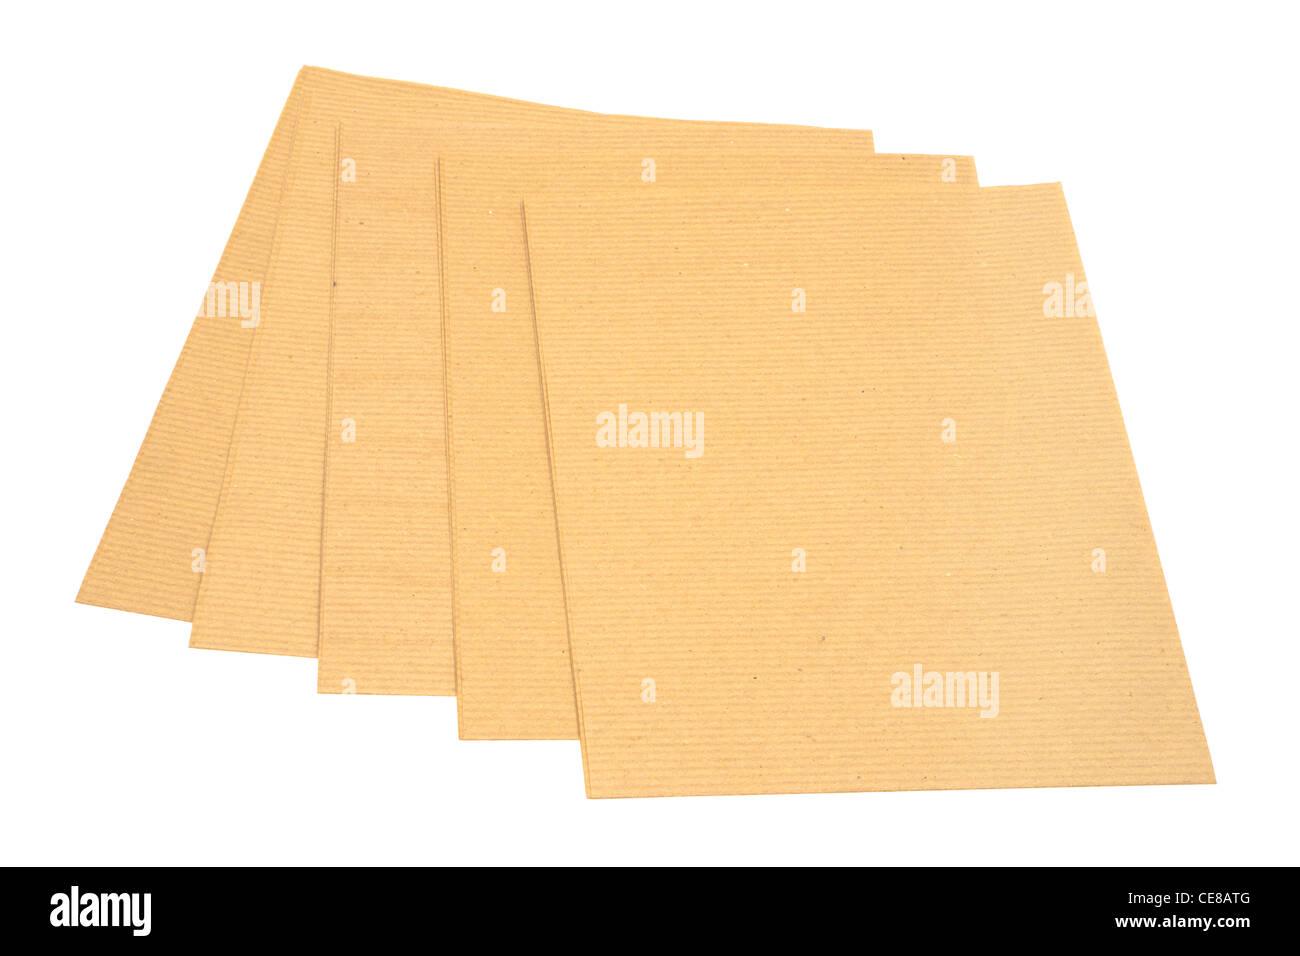 Cinco hojas de papel de embalaje marrón Imagen De Stock